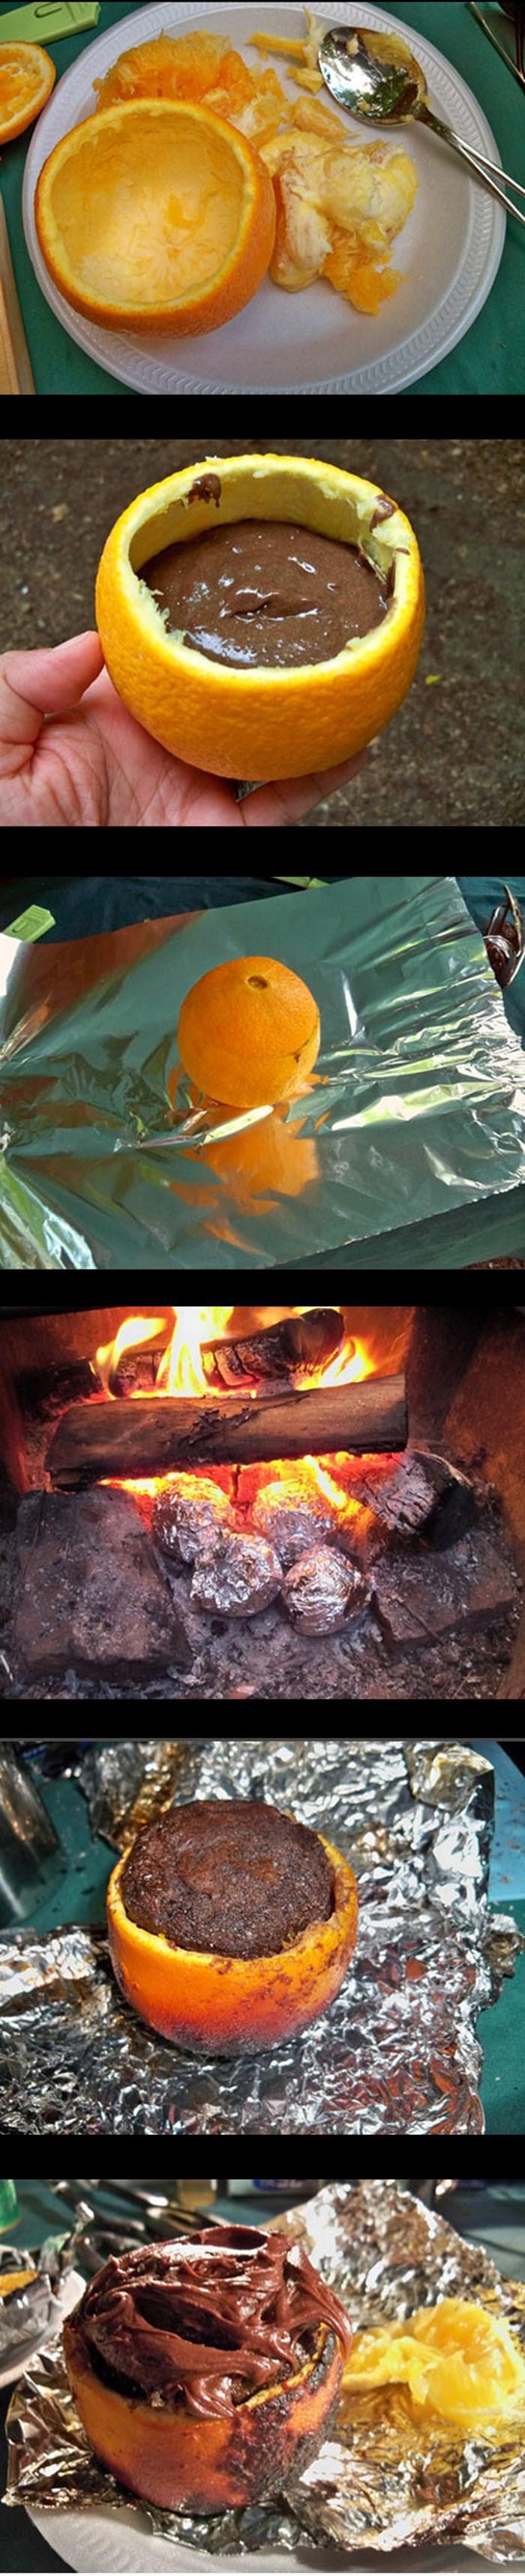 Kolač iz kore naranče: Slatka ideja za sve koji vole prirodu, kampiranje i roštilj